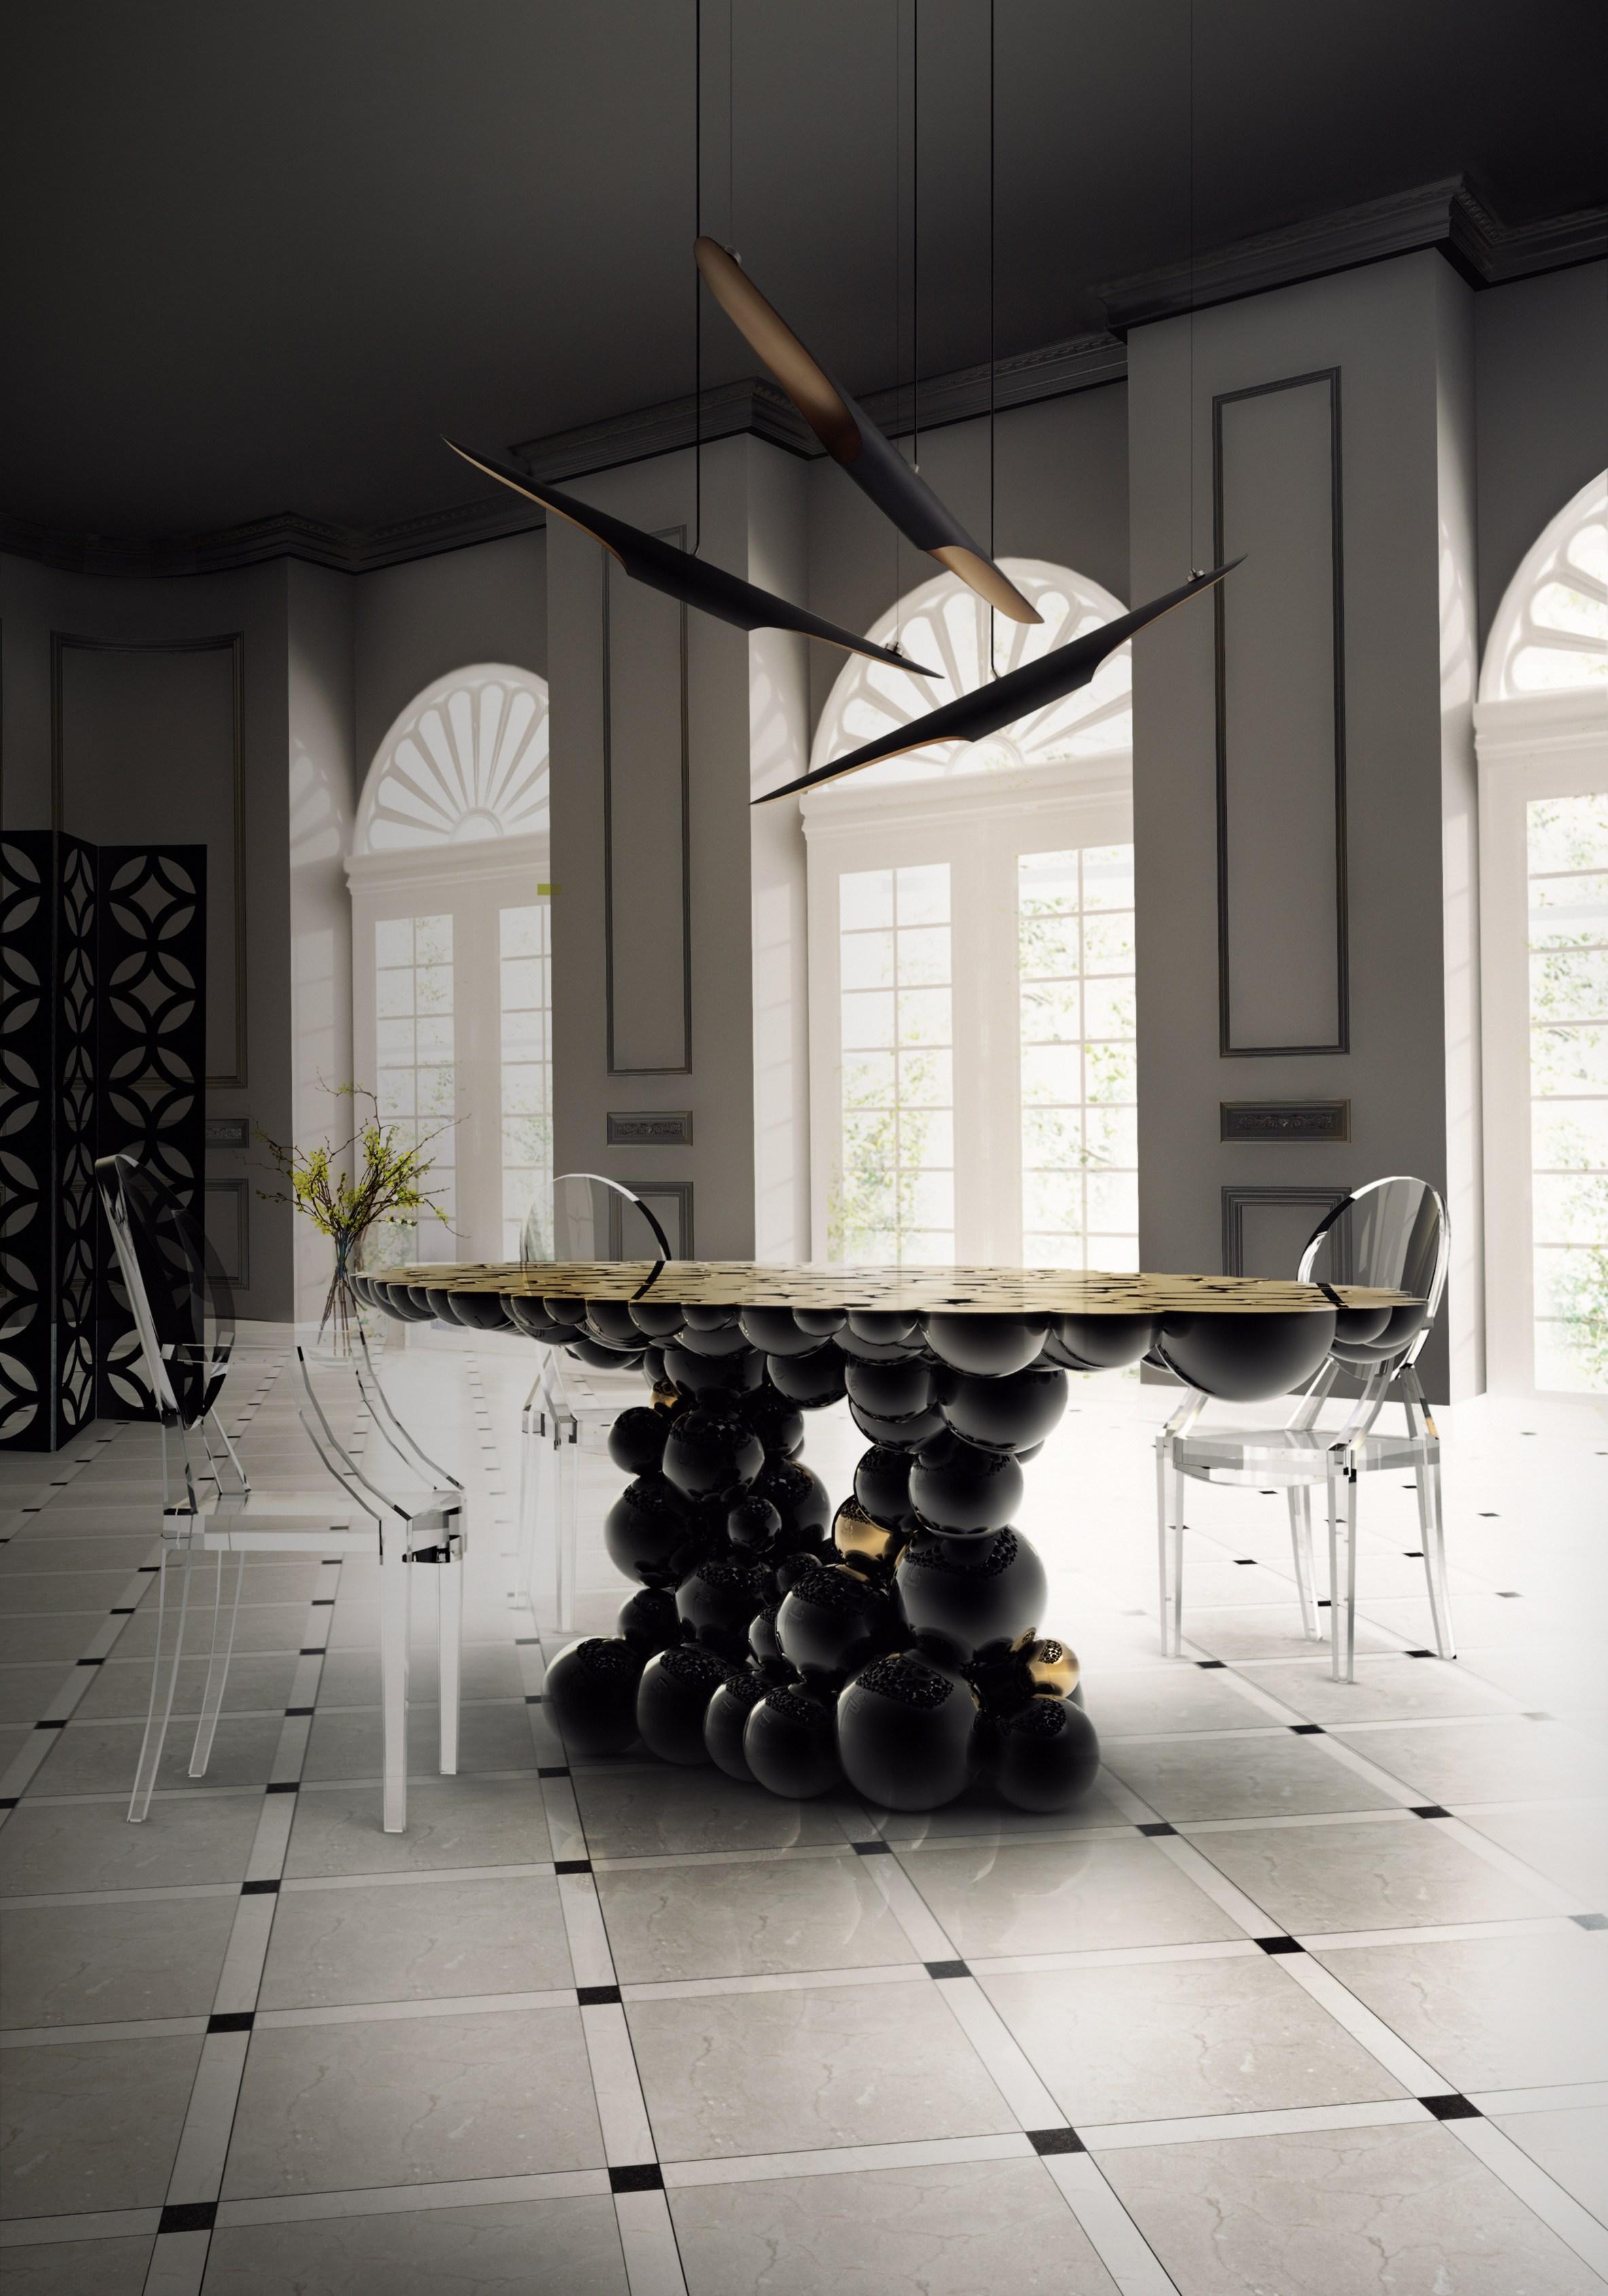 桌几 餐桌 创意家具 现代家居 时尚家具 设计师家具 定制家具 实木家具 牛顿餐桌